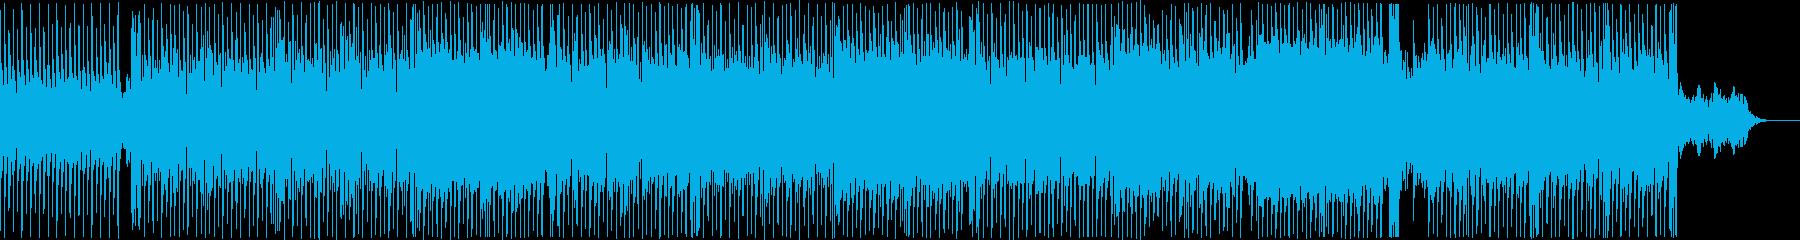 80年代を意識した、シンセウェーブ曲の再生済みの波形